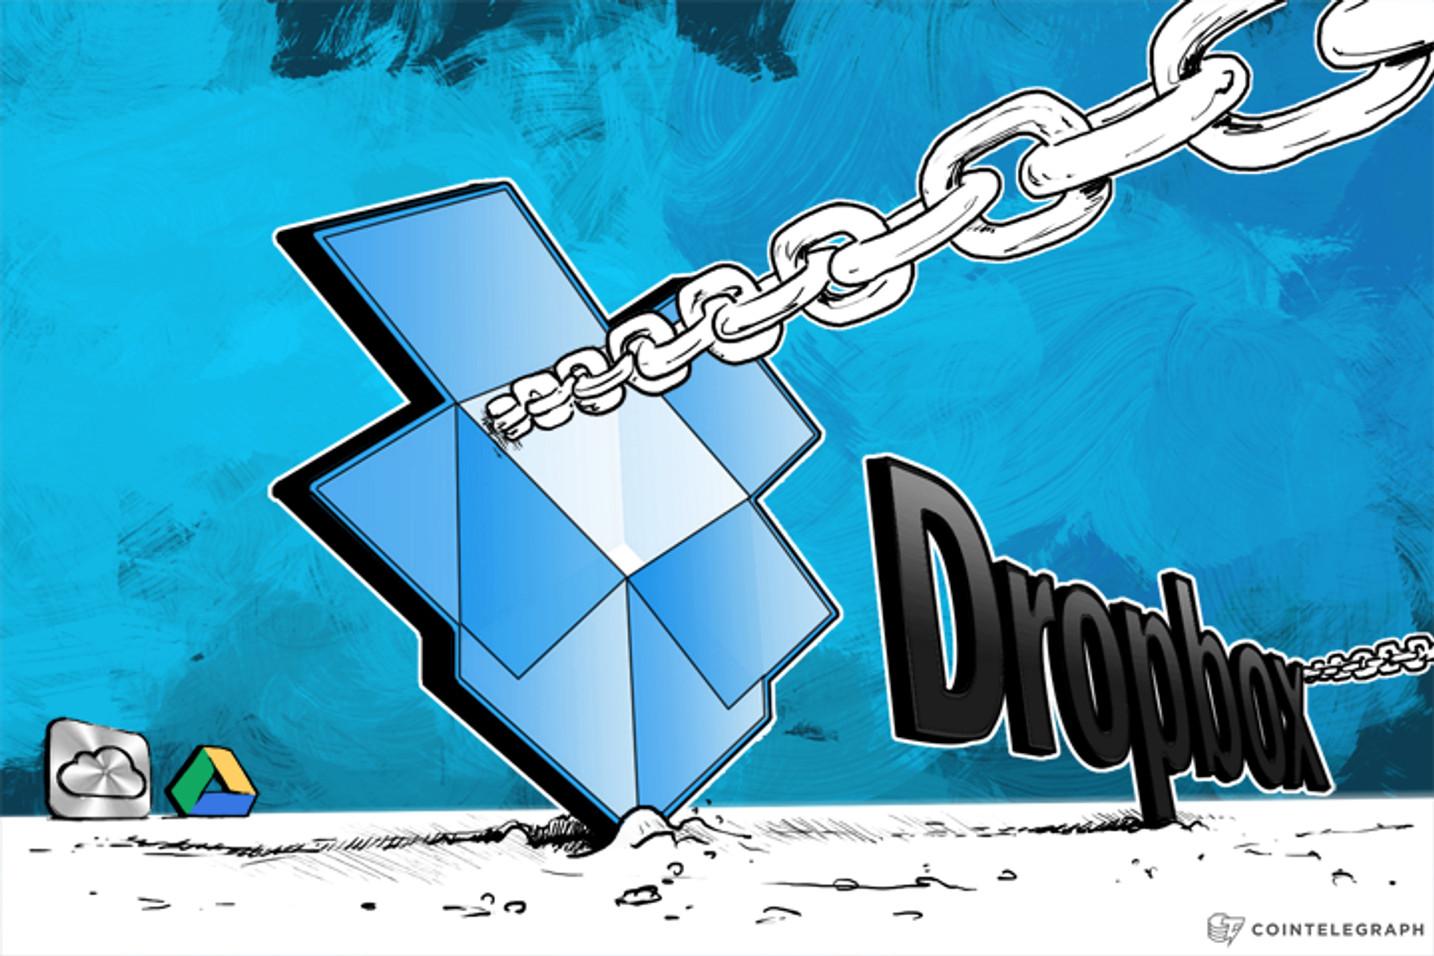 Dropbox: Why the 10-Billion-Dollar Company Needs the Blockchain